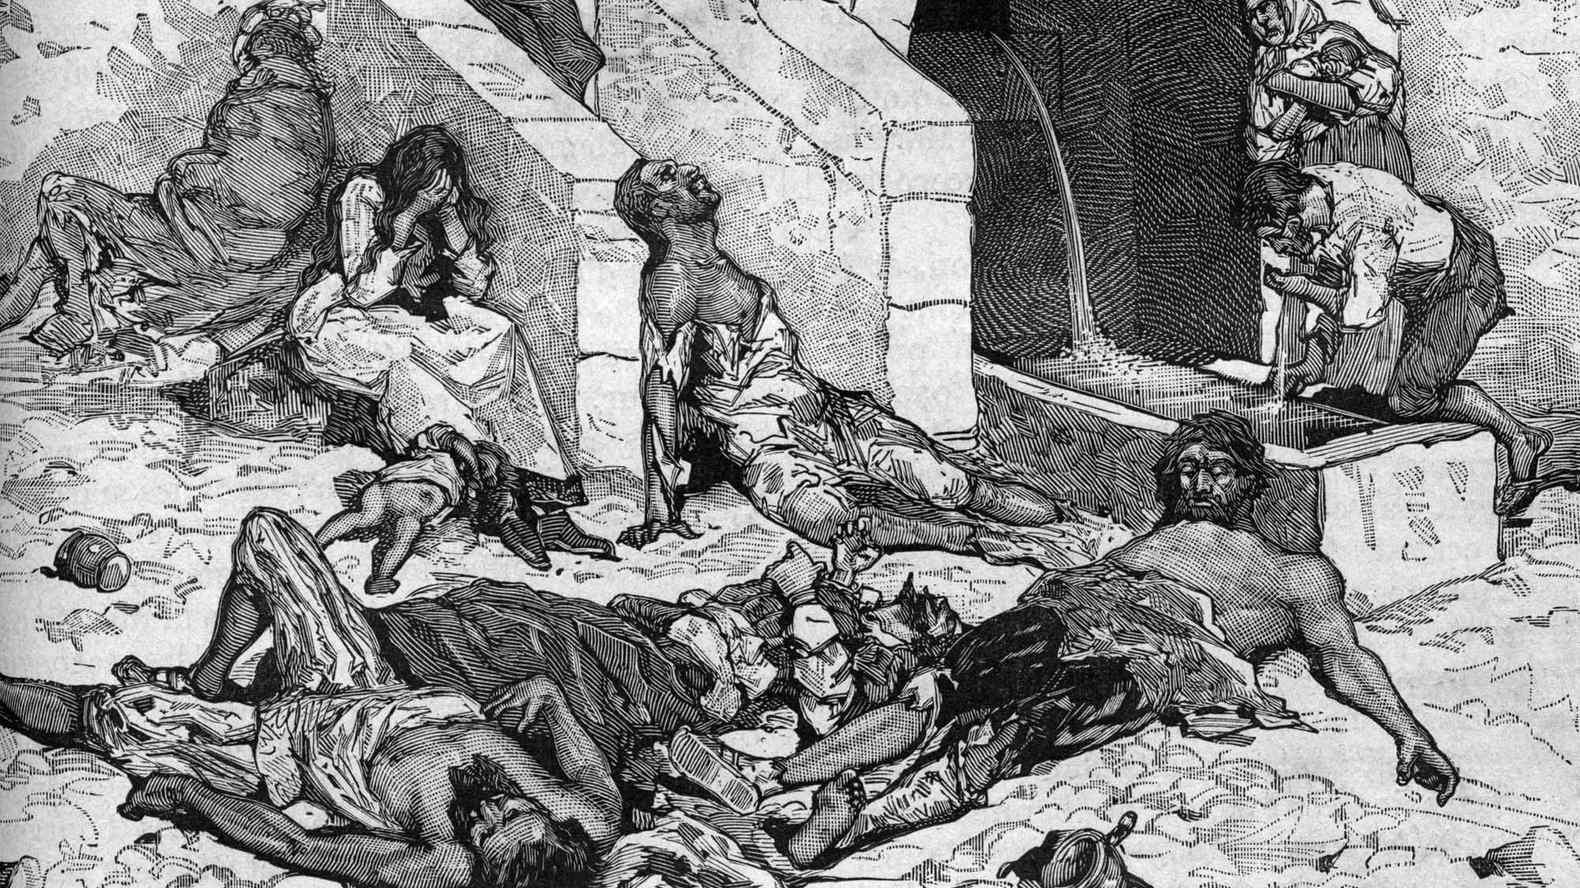 Ο Θανάσης Κ. σημειώνει ότι ο πανικός είναι ο εχθρός, εξίσου φονικός, όσο και ο κορωνοϊός. Και κάνει ένα παραλληλισμό με προηγούμενες επιδημίες που έπληξαν την ανθρωπότητα και δοκίμασαν τα ανθρώπινα όρια. new deal